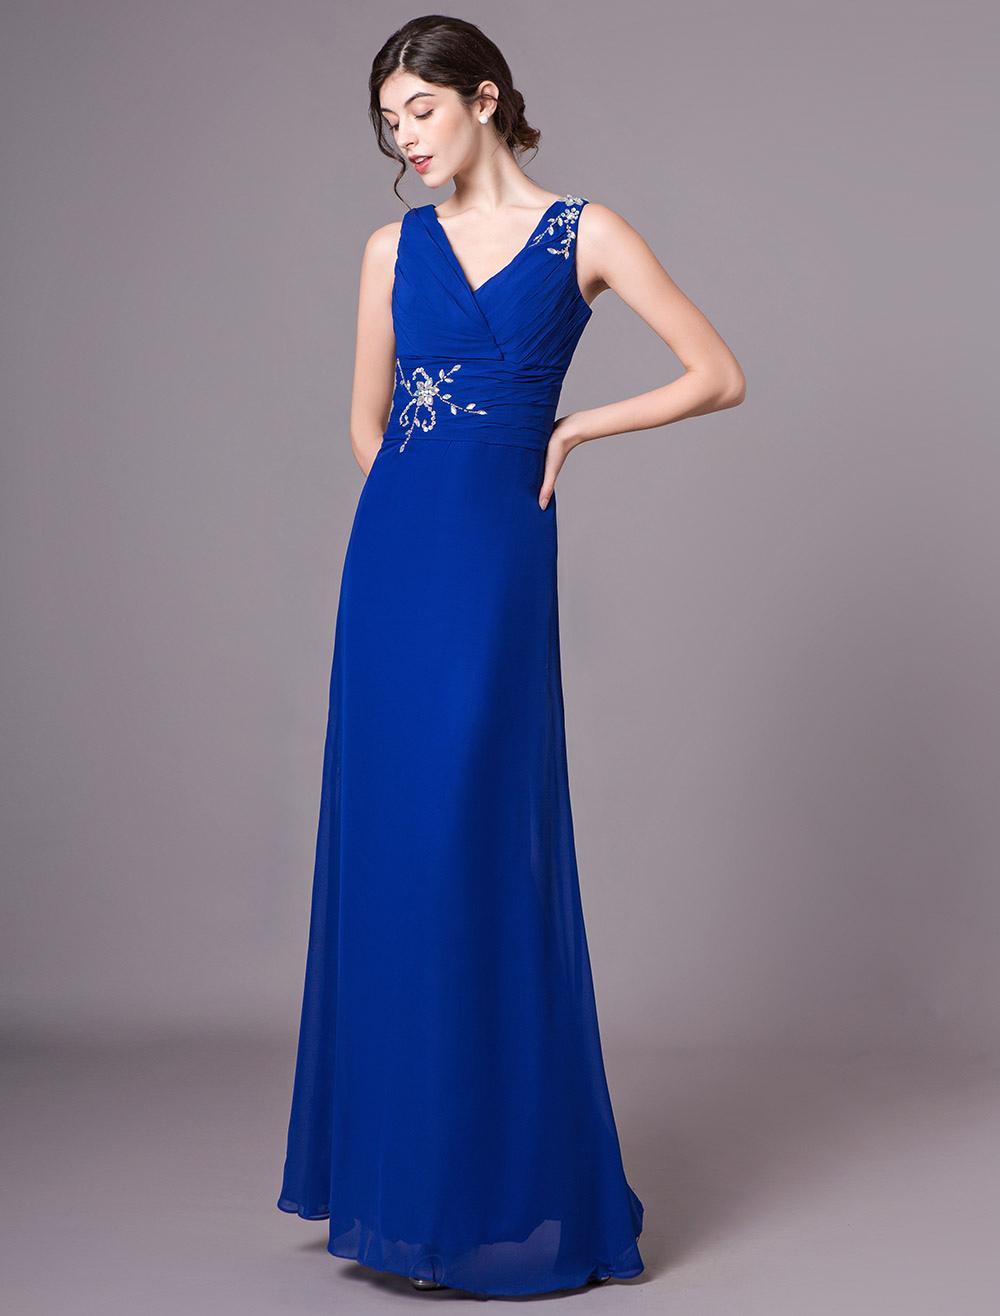 royal blue abendkleider v-ausschnitt chiffon friesen plissee maxi kleid für  die brautmutter